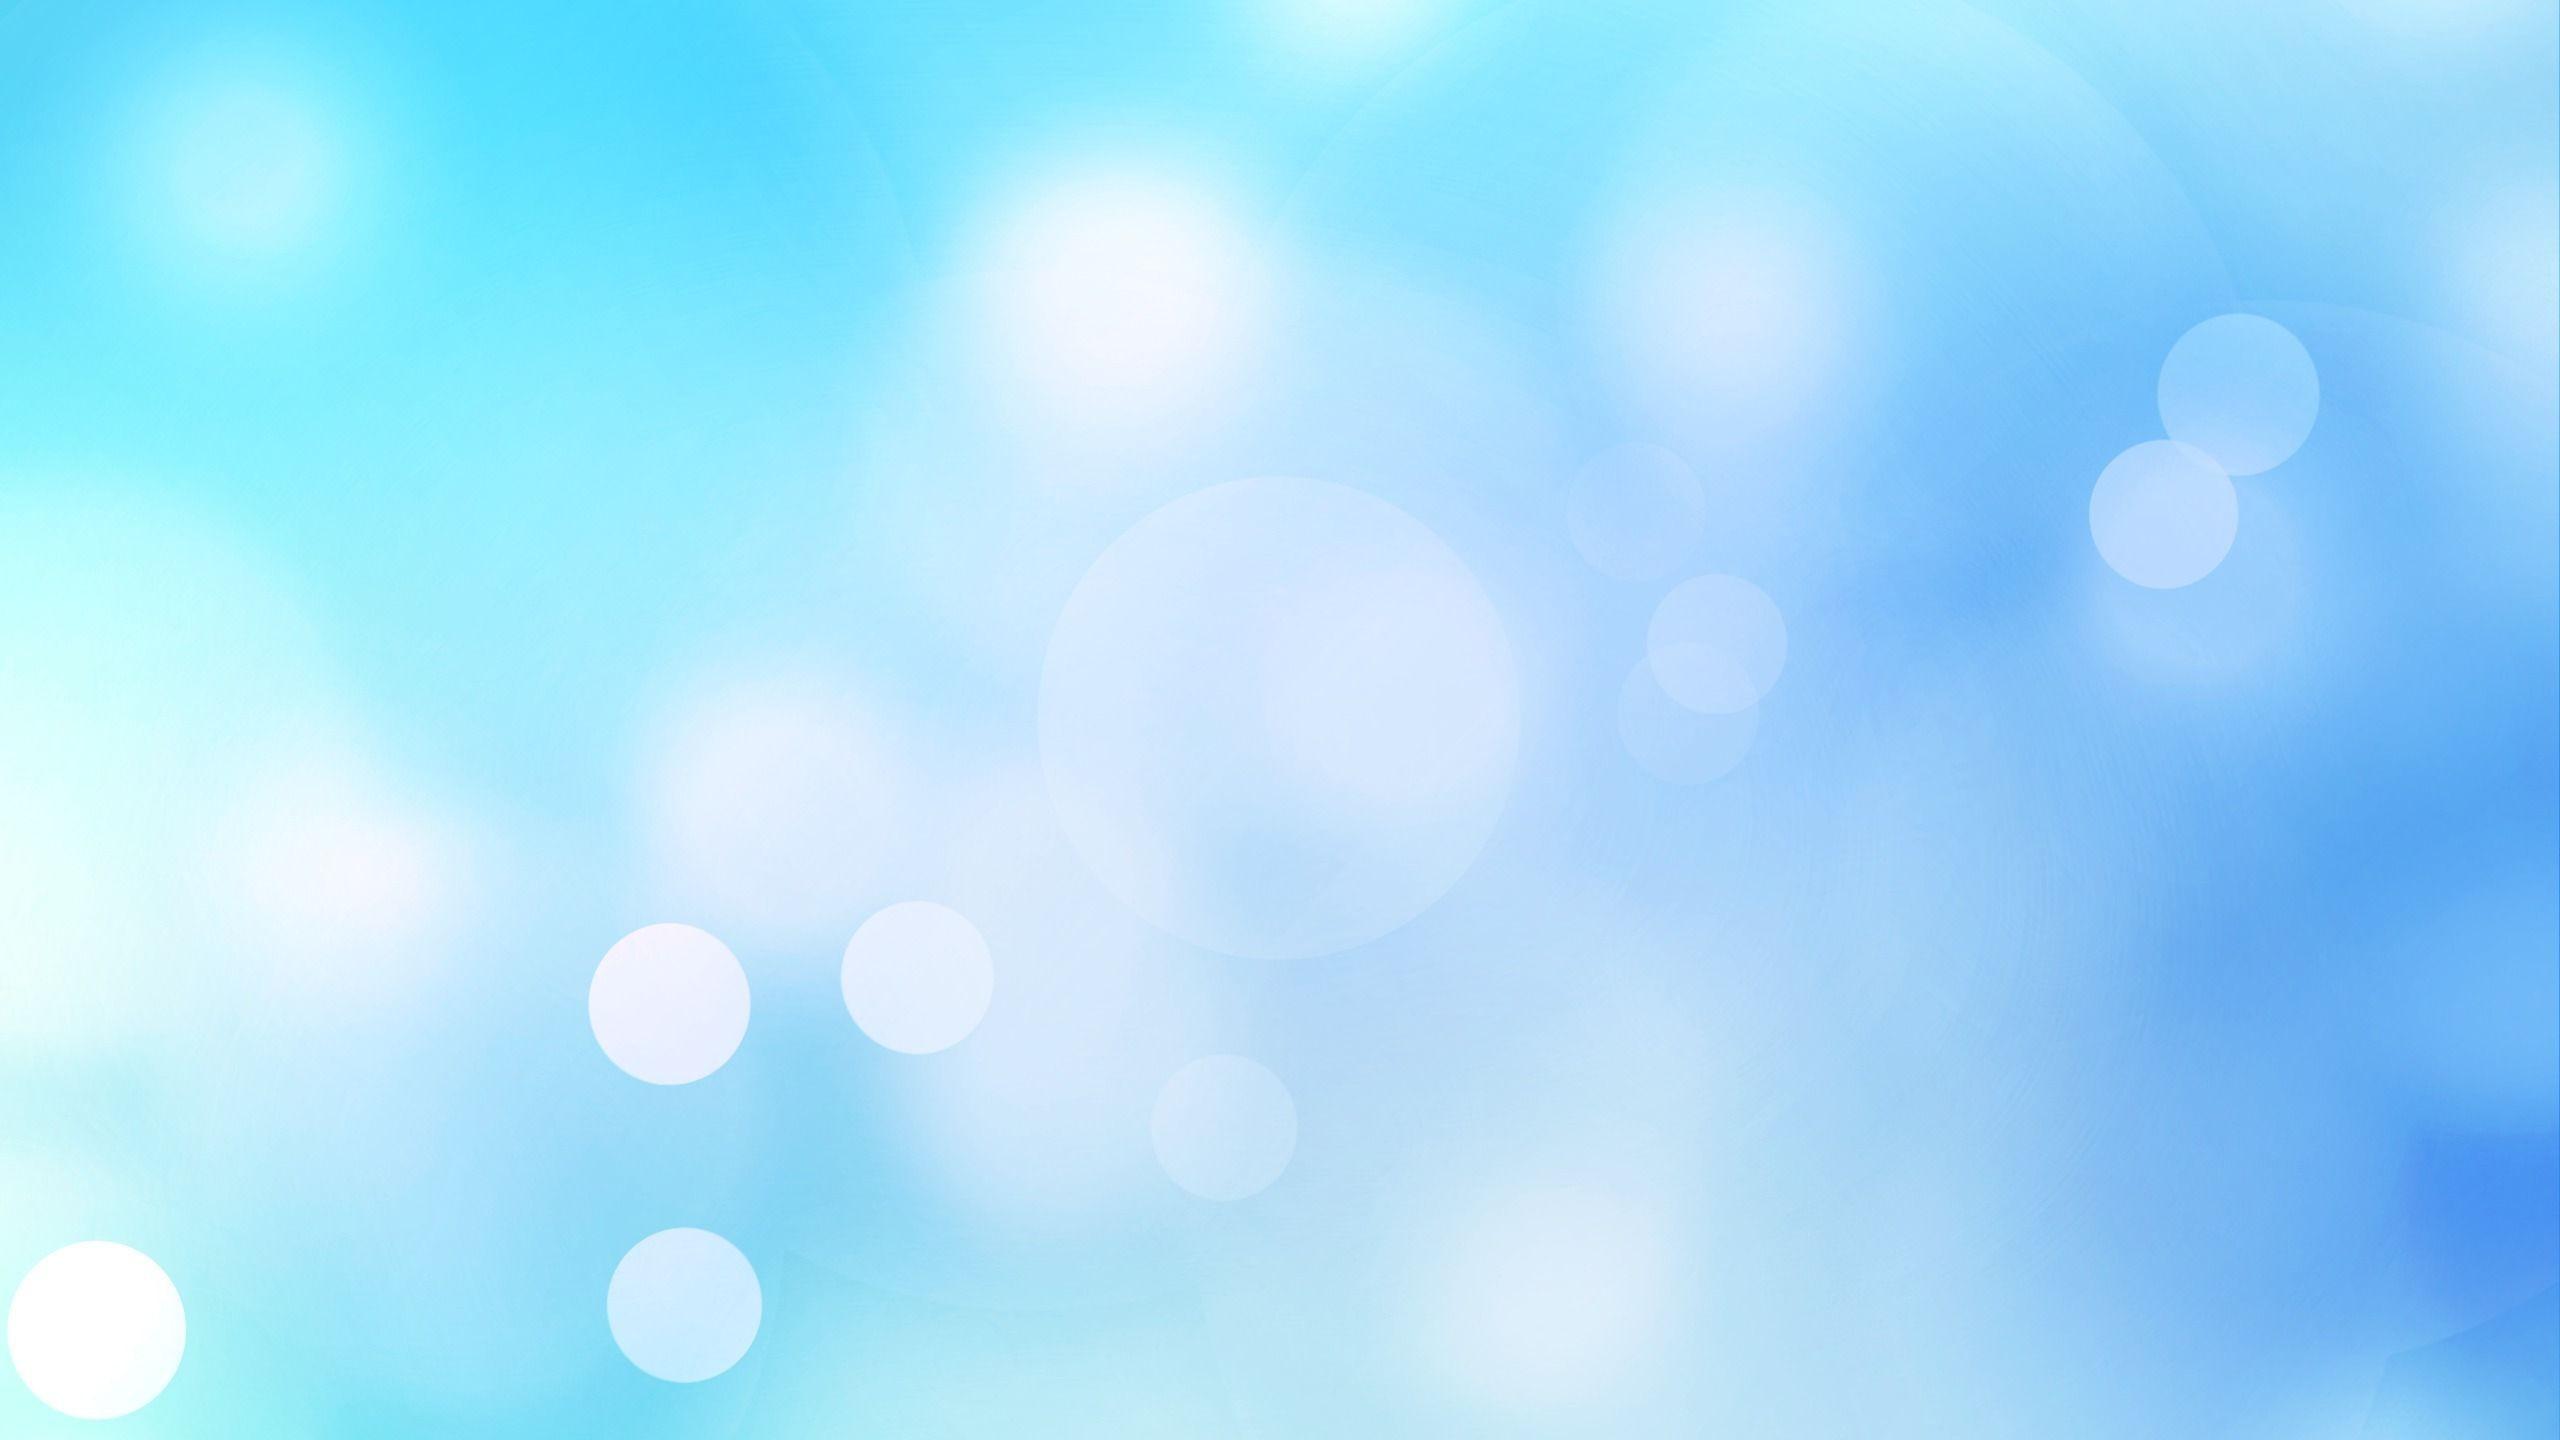 light-blue-wallpapers